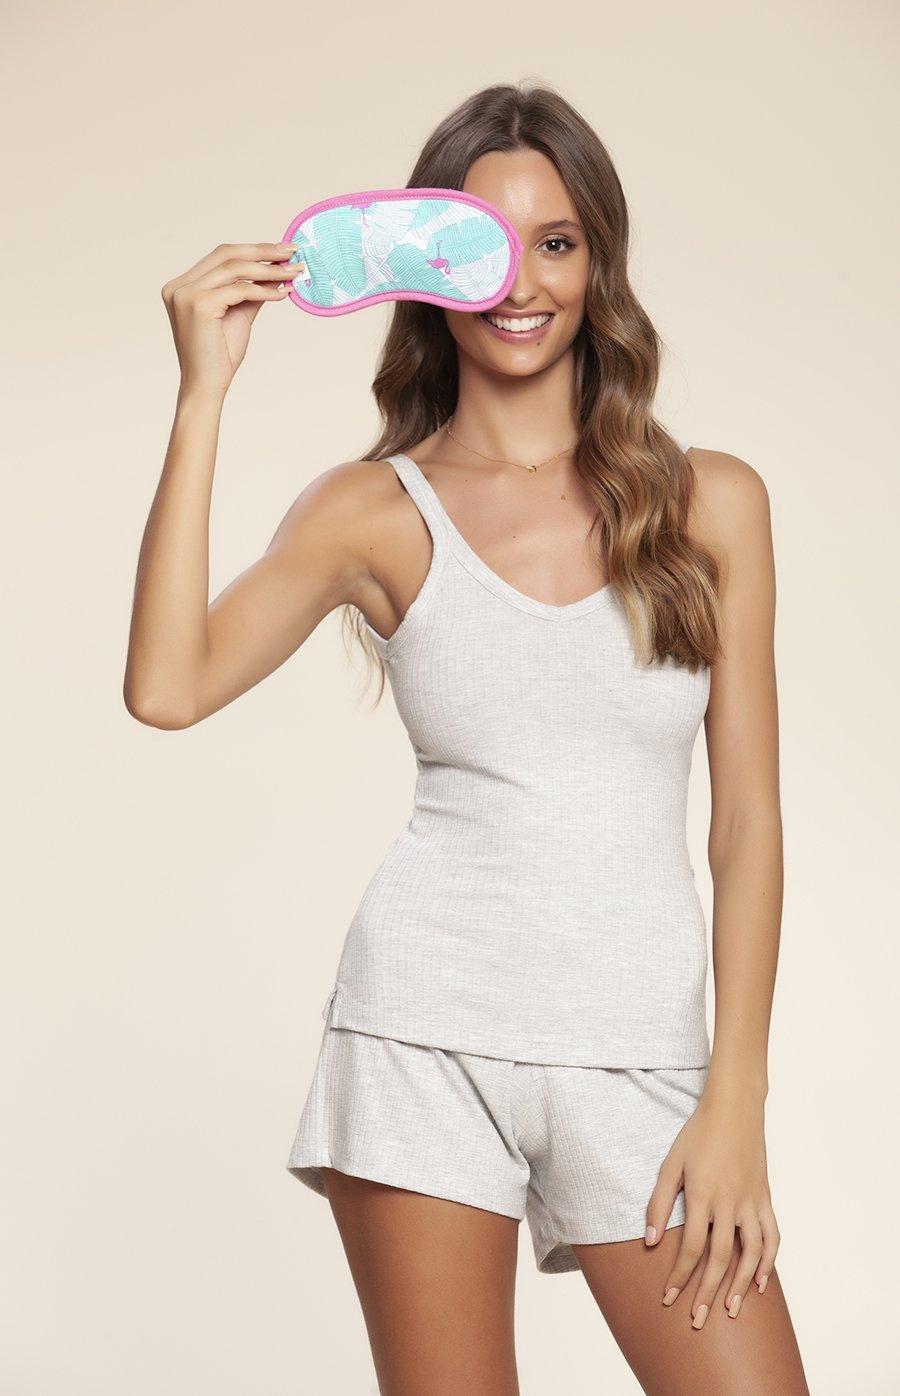 Máscara de Dormir Flamingo Verão 2020 MIAMI DREAMS